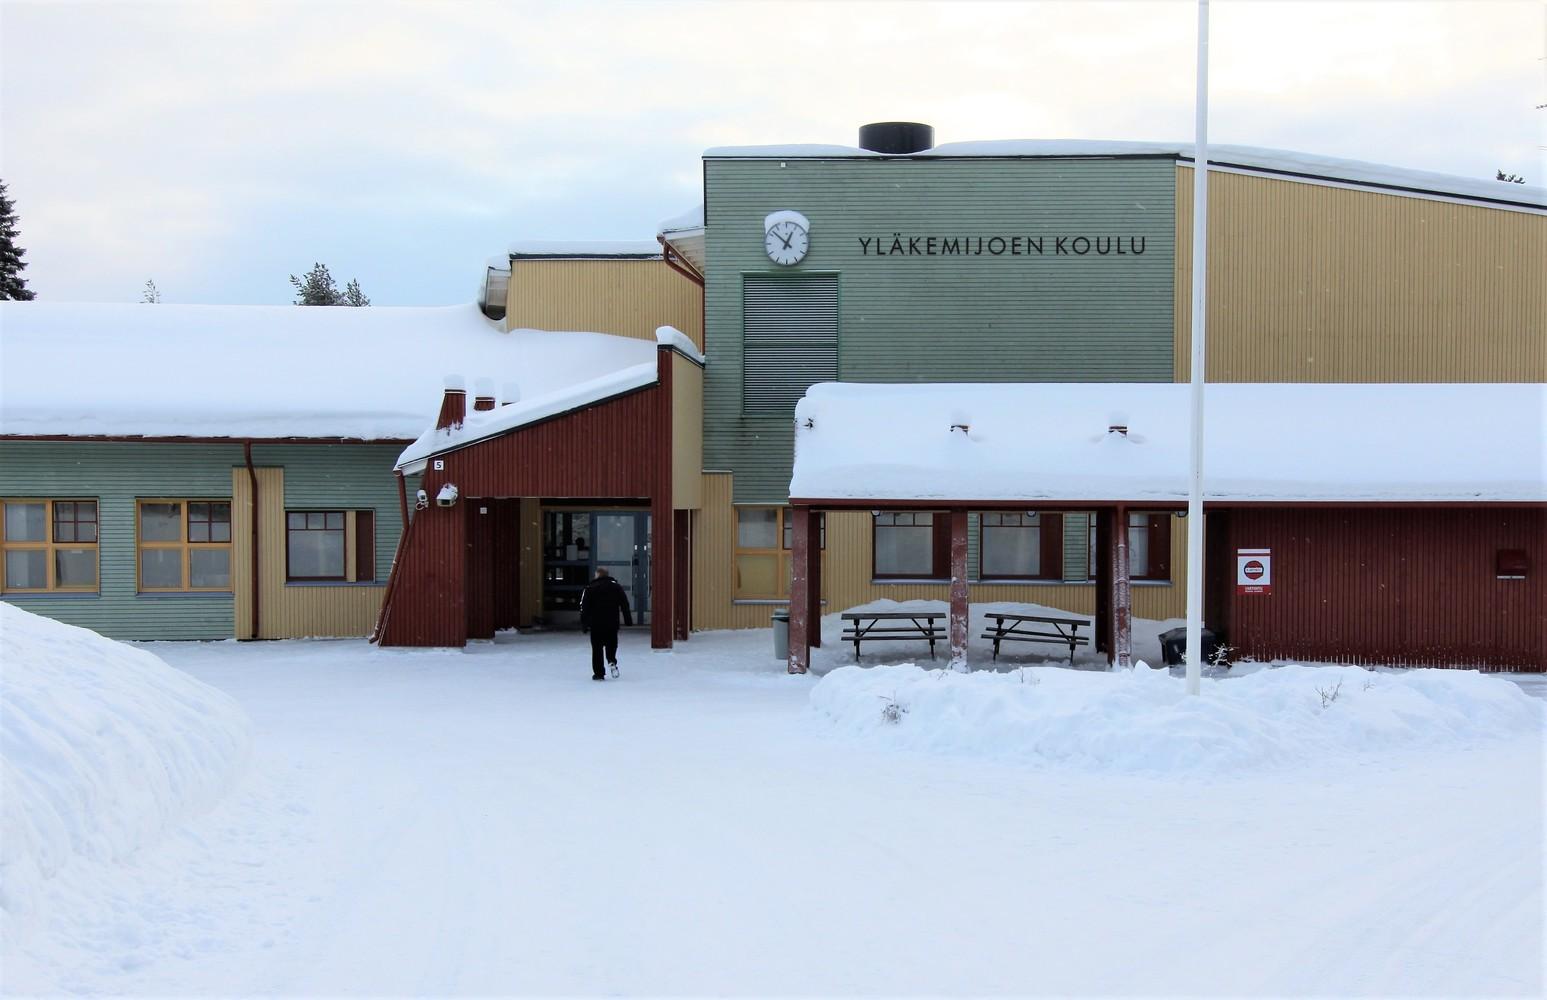 Vanttauskoski Library